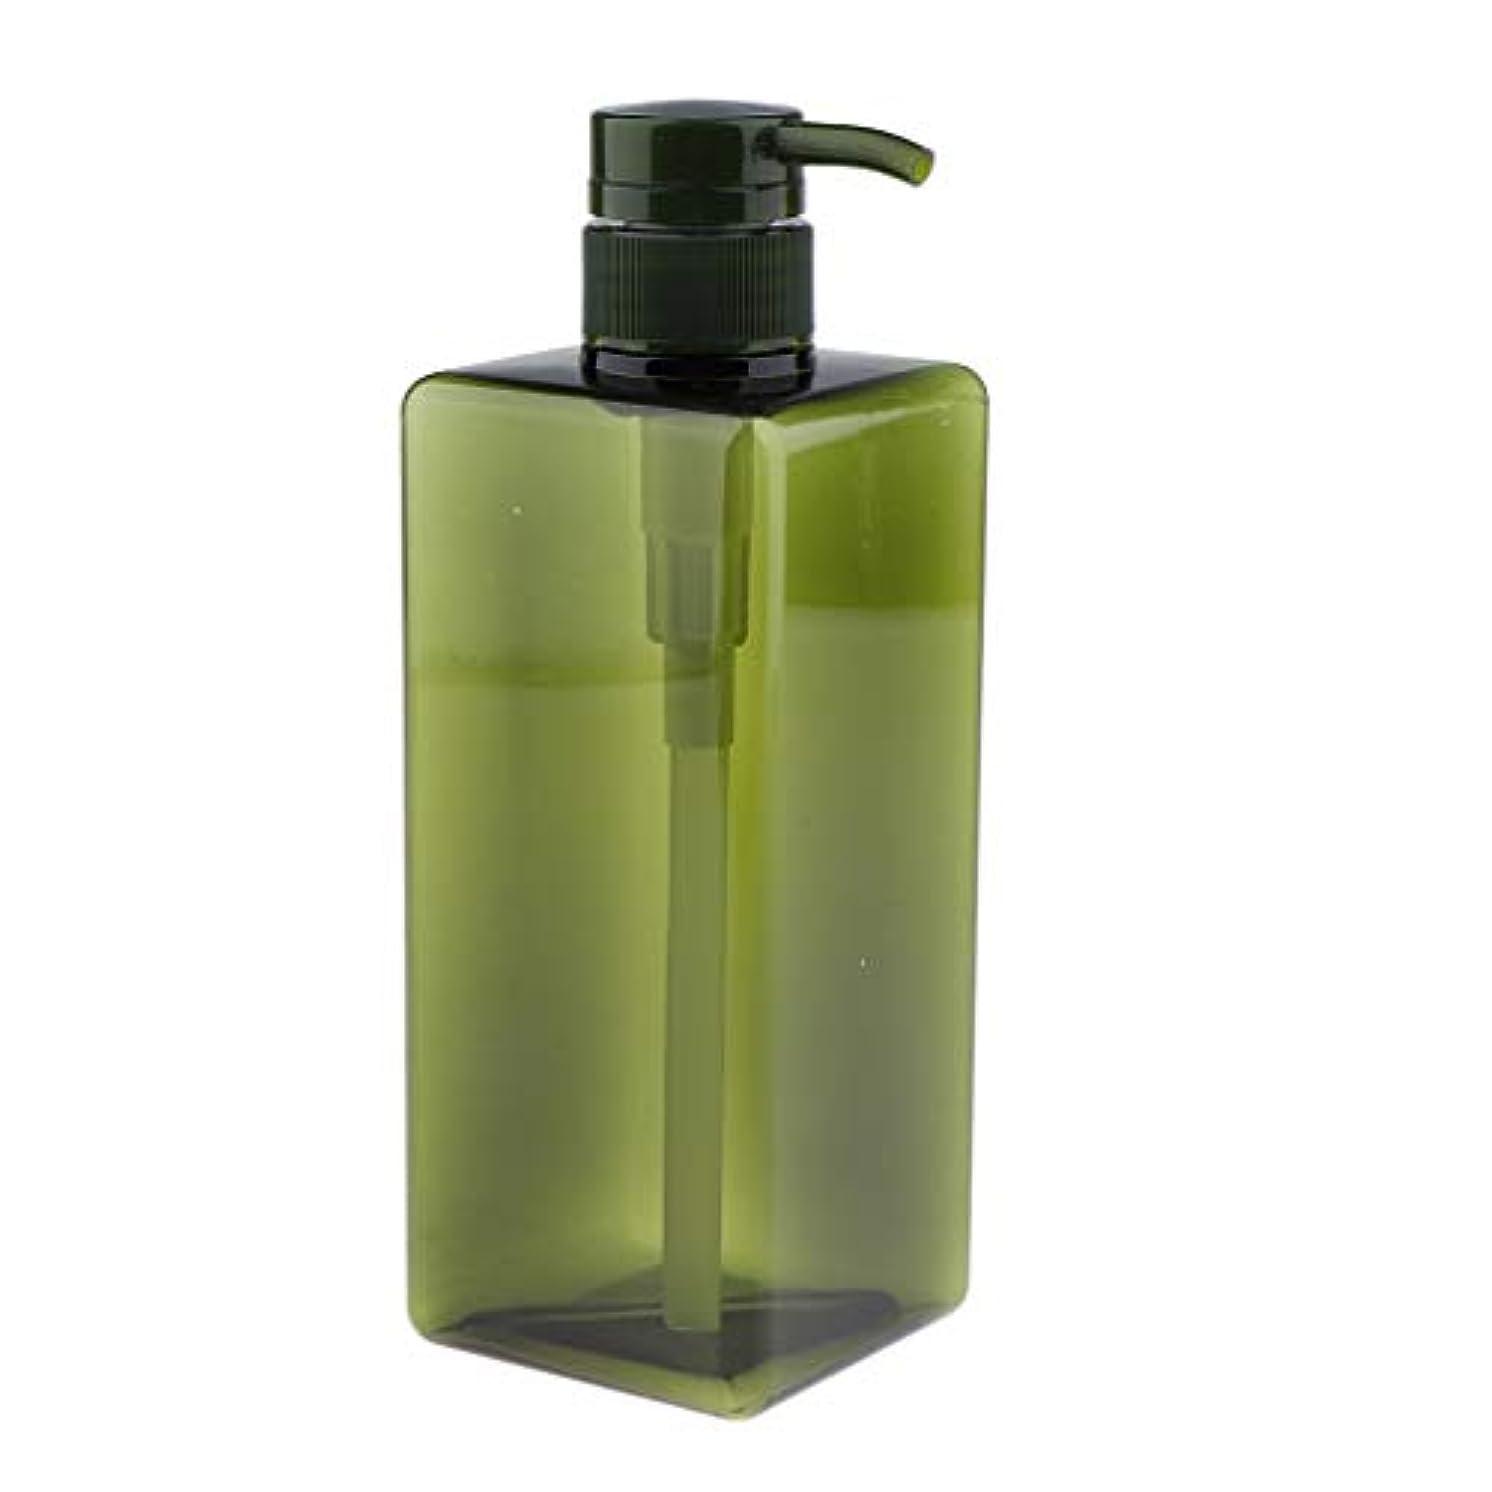 切断する何影響を受けやすいですSDENSHI 22オンス詰め替えボディウォッシュコンテナ空のスクエア650ミリリットル耐久性のあるプラスチックシャンプー&コンディショナーポンプボトル用浴室キッチン、サロン使用 - グリーン